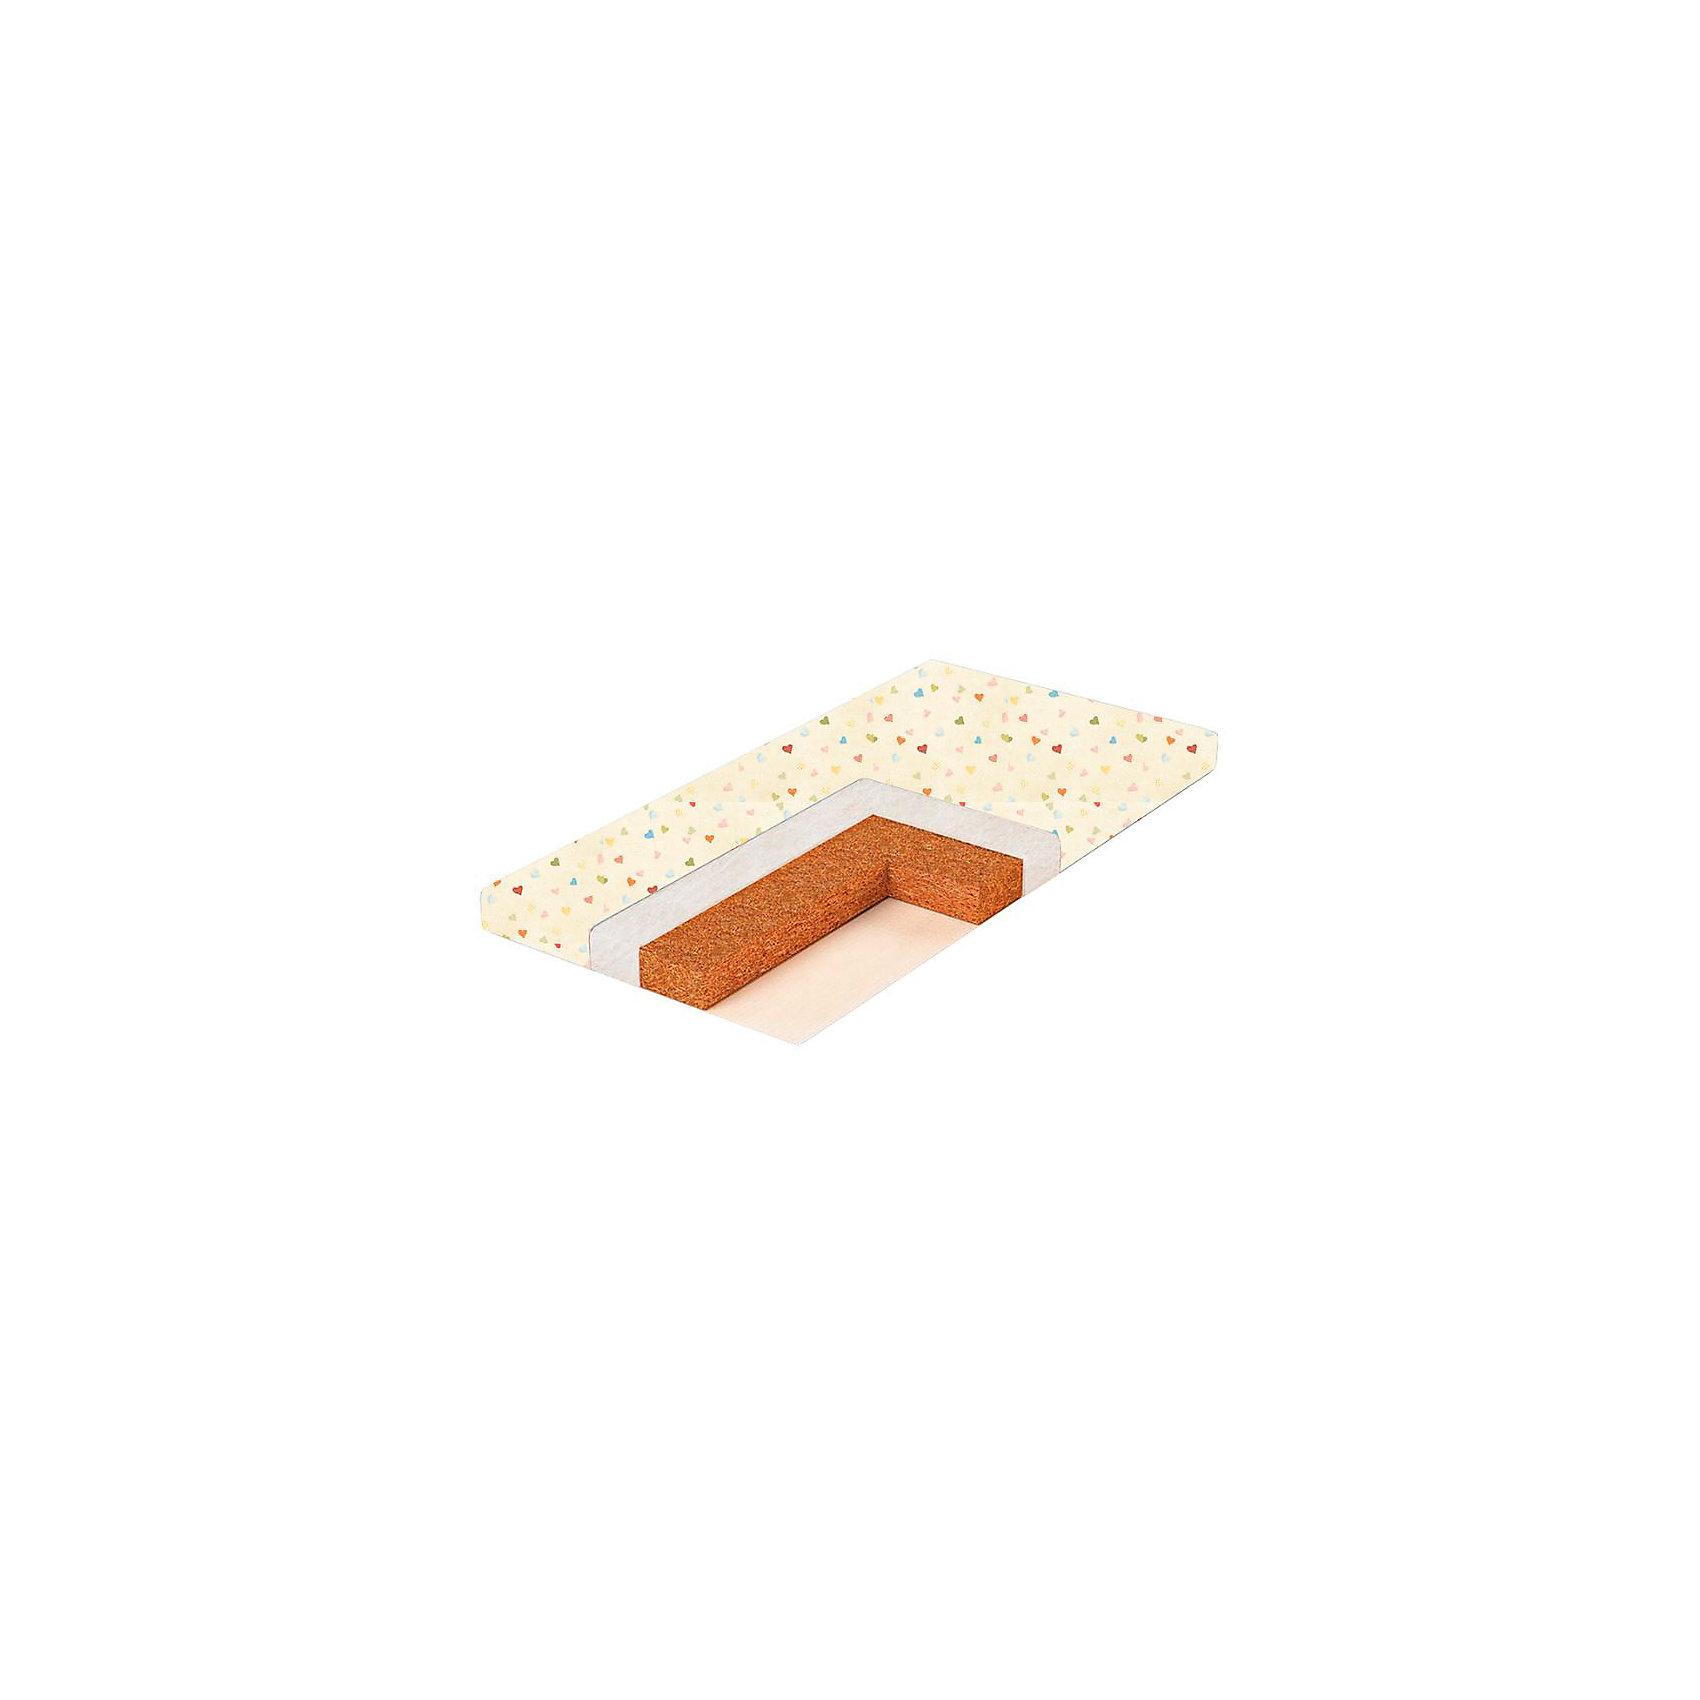 Матрас в кроватку COIR NATURE 6, BamBolaМатрасы<br>С первых дней жизни здоровье малыша напрямую зависит от полноценного и комфортного сна. Этот матрасик разработан специально для малышей. Его можно использовать для детской кроватки. В основе - латексированная кокосовая койра, это экологичный, упругий, жесткий материал, обладает исключительными антиаллергическими и антибактериальными свойствами: не впитывает запахи и влагу, не гниет, отлично пропускает воздух и регулирует температуру, к тому же не деформируется, гарантирует правильное формирование позвоночника ребенка. Также в составе - синтепоновое волокно.<br>Чехол сделан из бязи (хлопок), она отлично пропускает воздух, легко впитывает и хорошо испаряет влагу. Матрасы BamBola – здоровый сон Вашего малыша!<br><br>Дополнительная информация:<br><br>материал: бязь, кокосовая койра, синтепоновое волокно;<br>двусторонний;<br>симметричный;<br>беспружинный;<br>размер: 119х59х6 см.<br><br>Матрас в кроватку COIR NATURE 6 от компании BamBola можно купить в нашем магазине.<br><br>Ширина мм: 1190<br>Глубина мм: 590<br>Высота мм: 60<br>Вес г: 3500<br>Возраст от месяцев: 0<br>Возраст до месяцев: 36<br>Пол: Унисекс<br>Возраст: Детский<br>SKU: 4720121